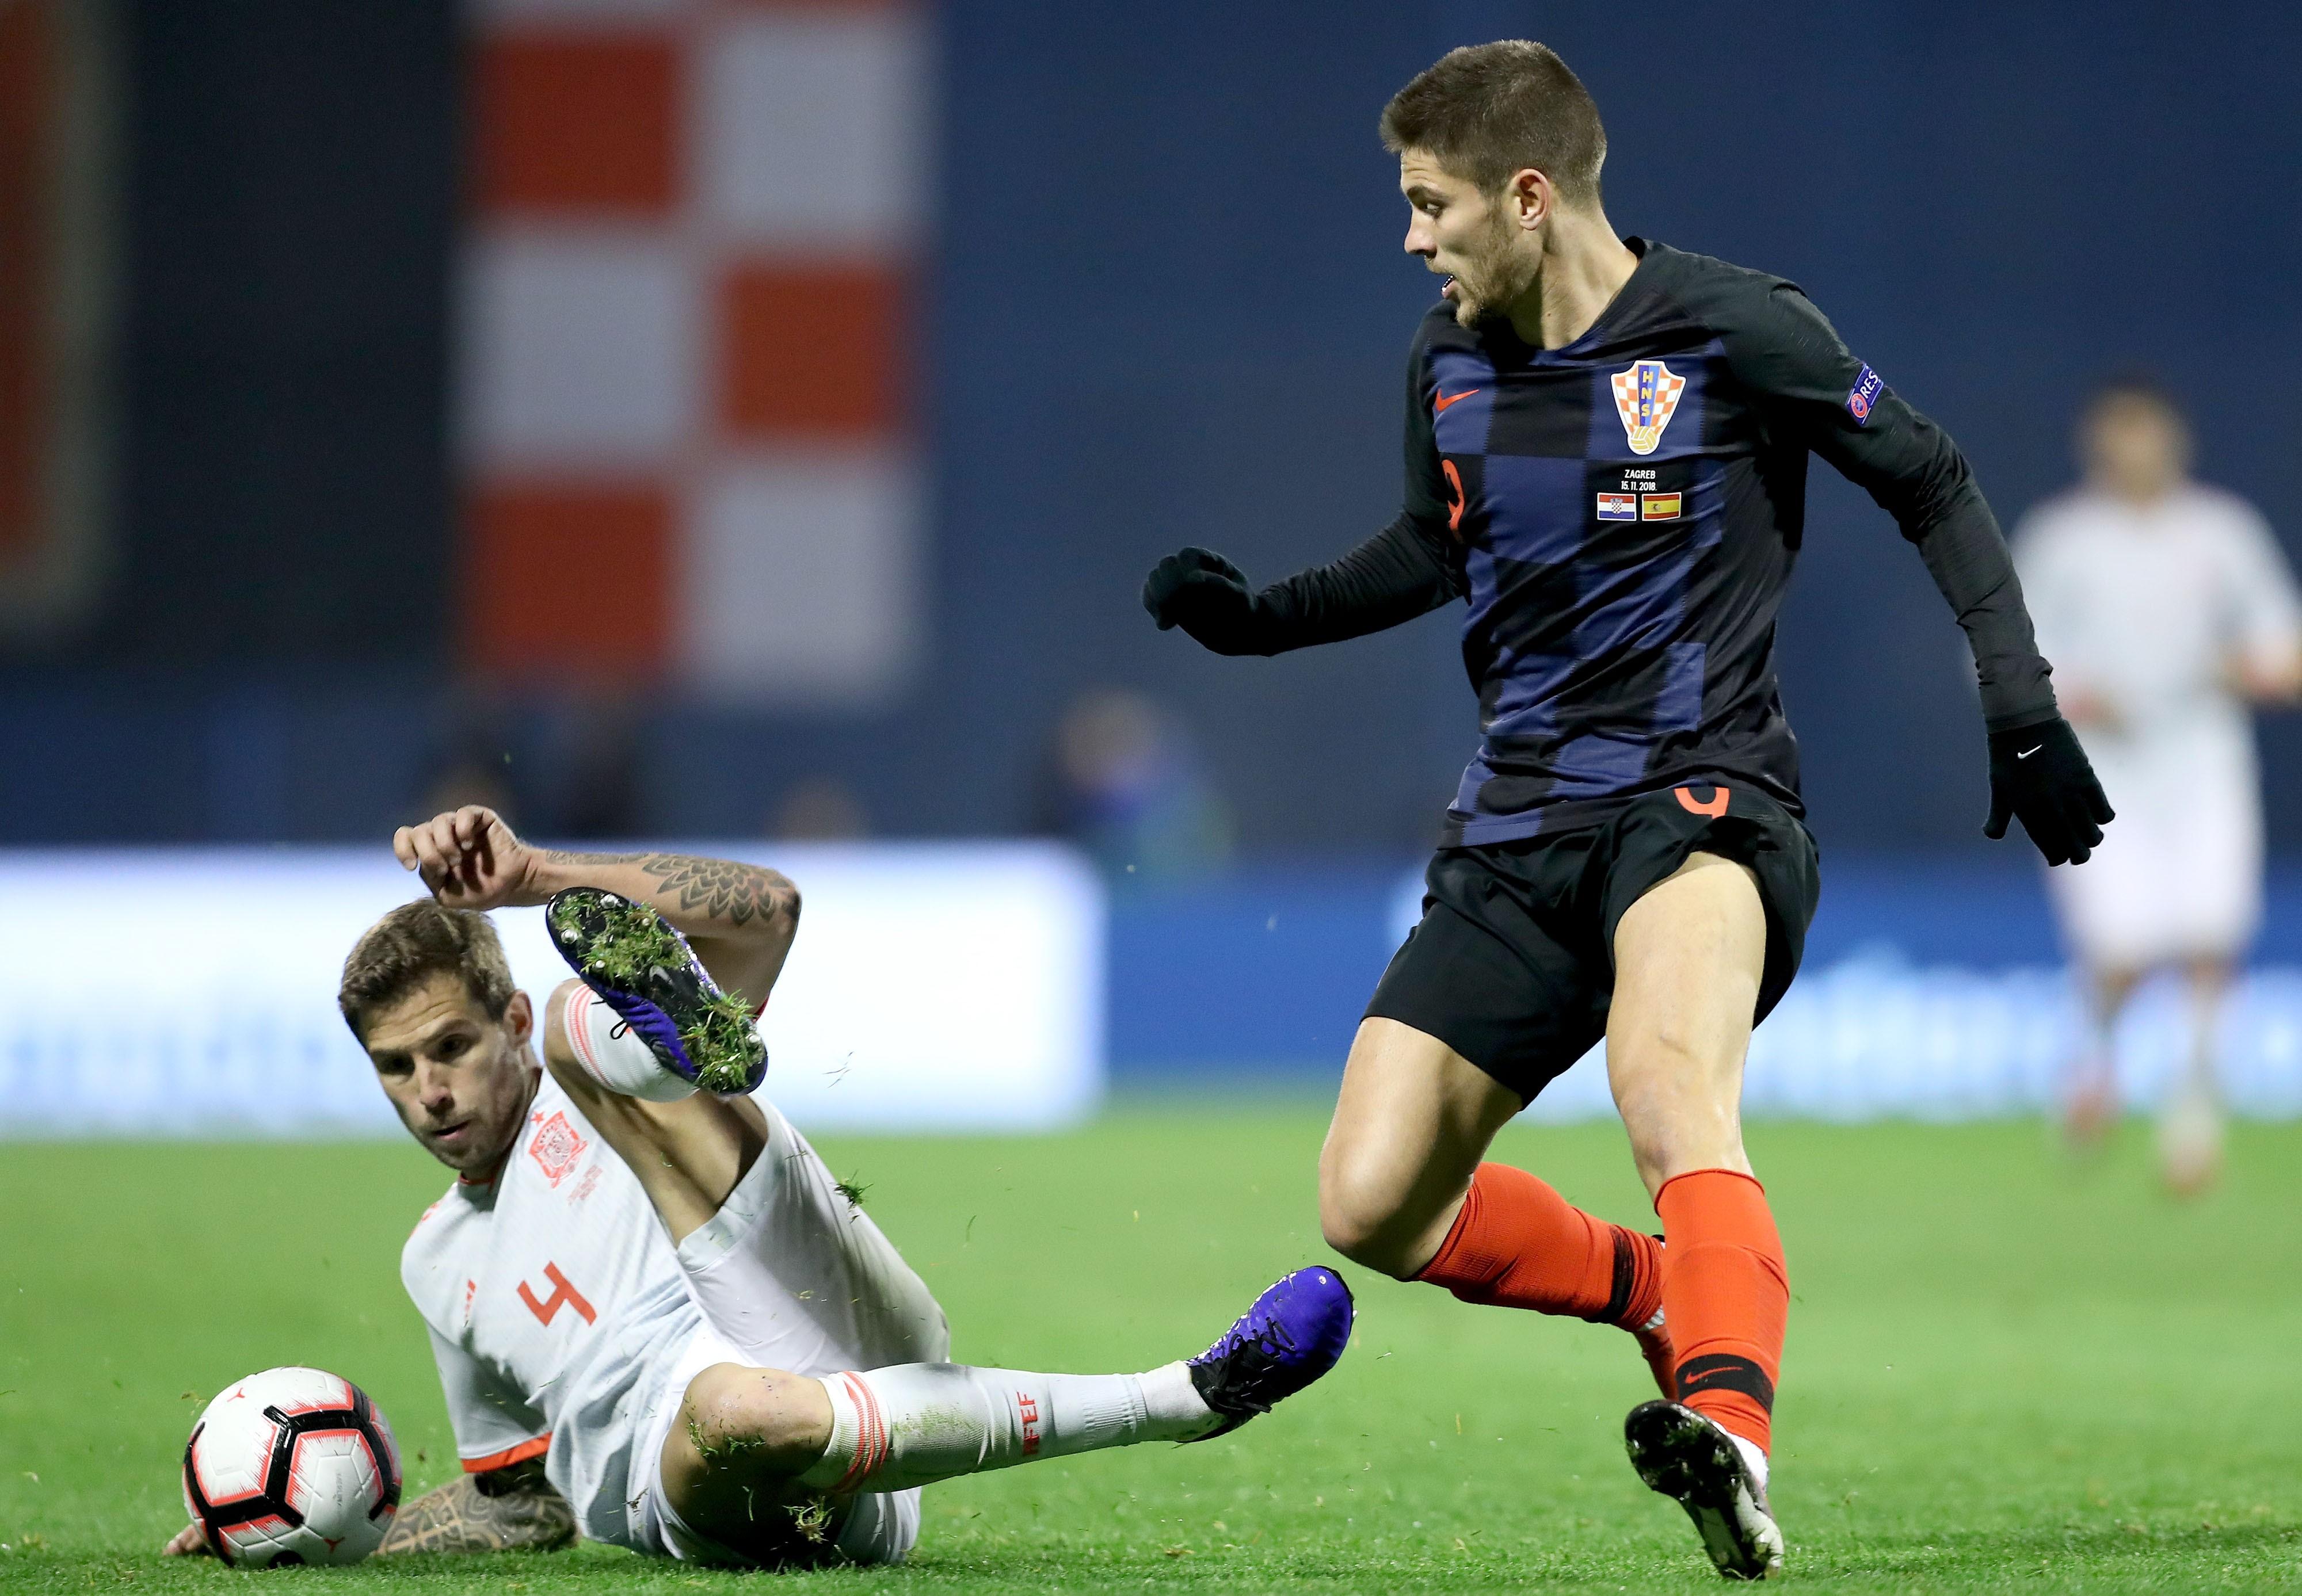 croatia spain - uefa nations league - andrej kramaric - 15112018